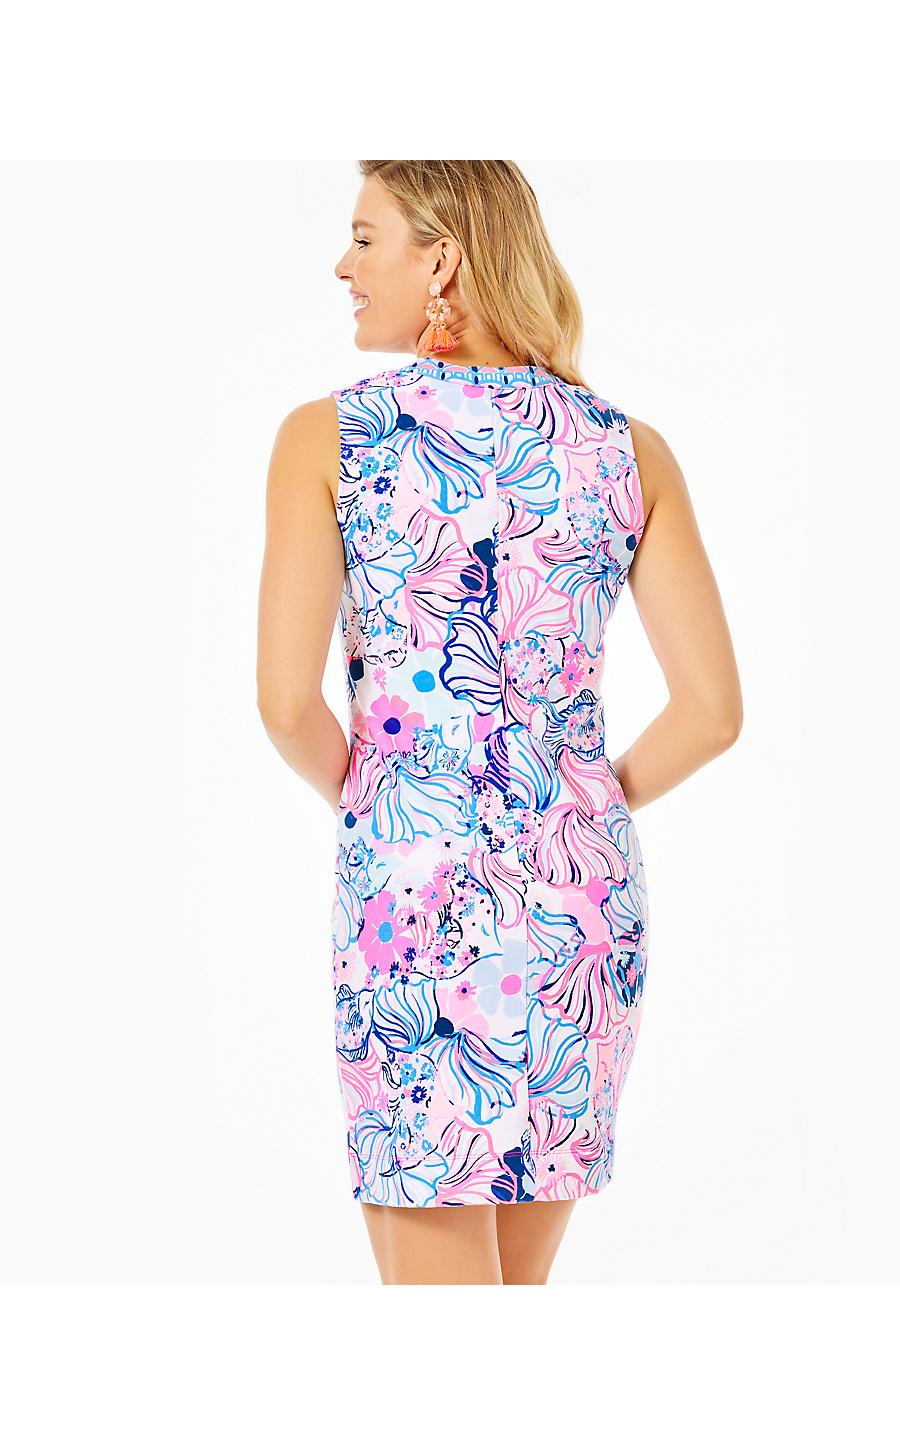 CAMARI SHIFT DRESS